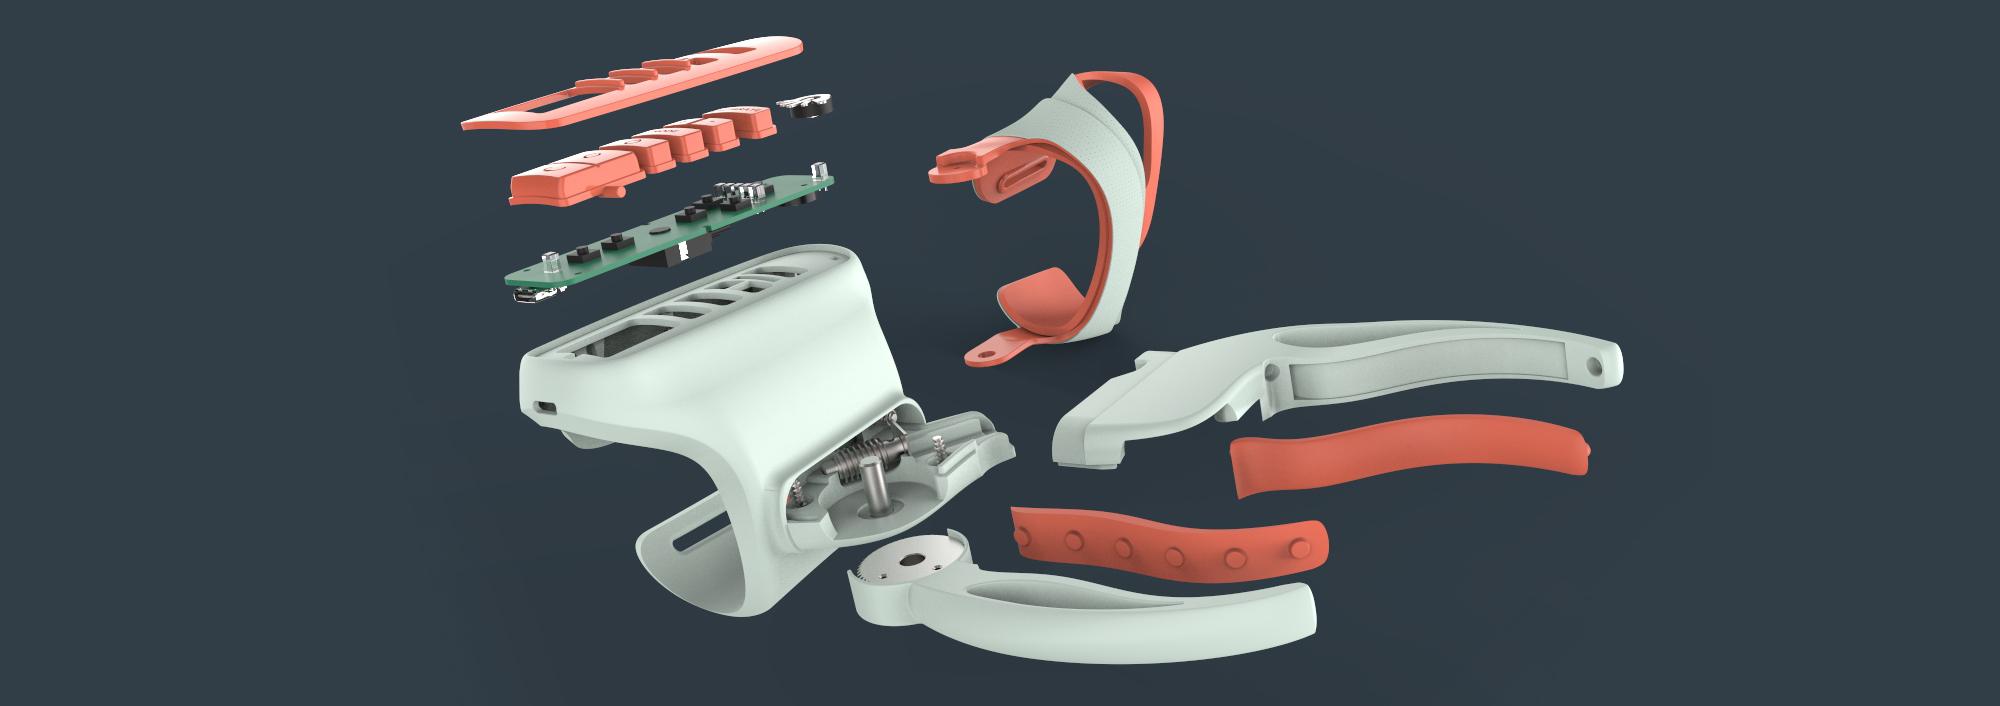 Boston-Incubation-center-robotic-arm-04-prelim